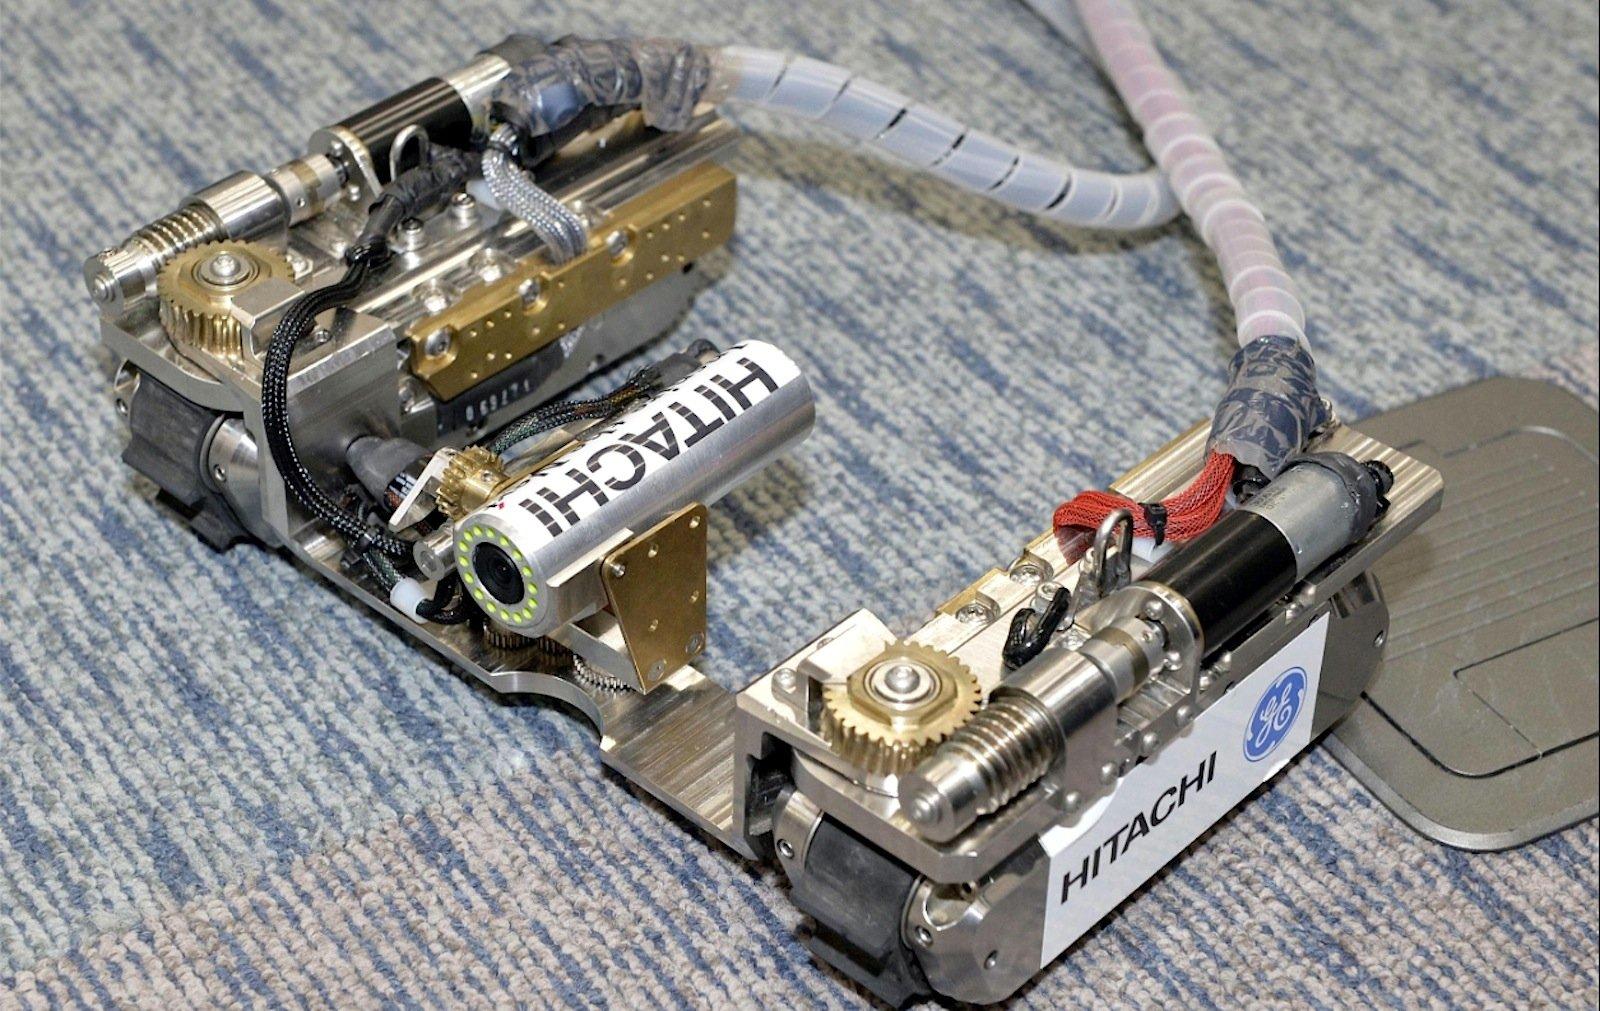 Gemeinsam haben Hitachi undHitachi-GE Nuclear Energy einen Roboter entwickelt, der selbst durch enge Rohre passt, weil er seine Form verändern kann.